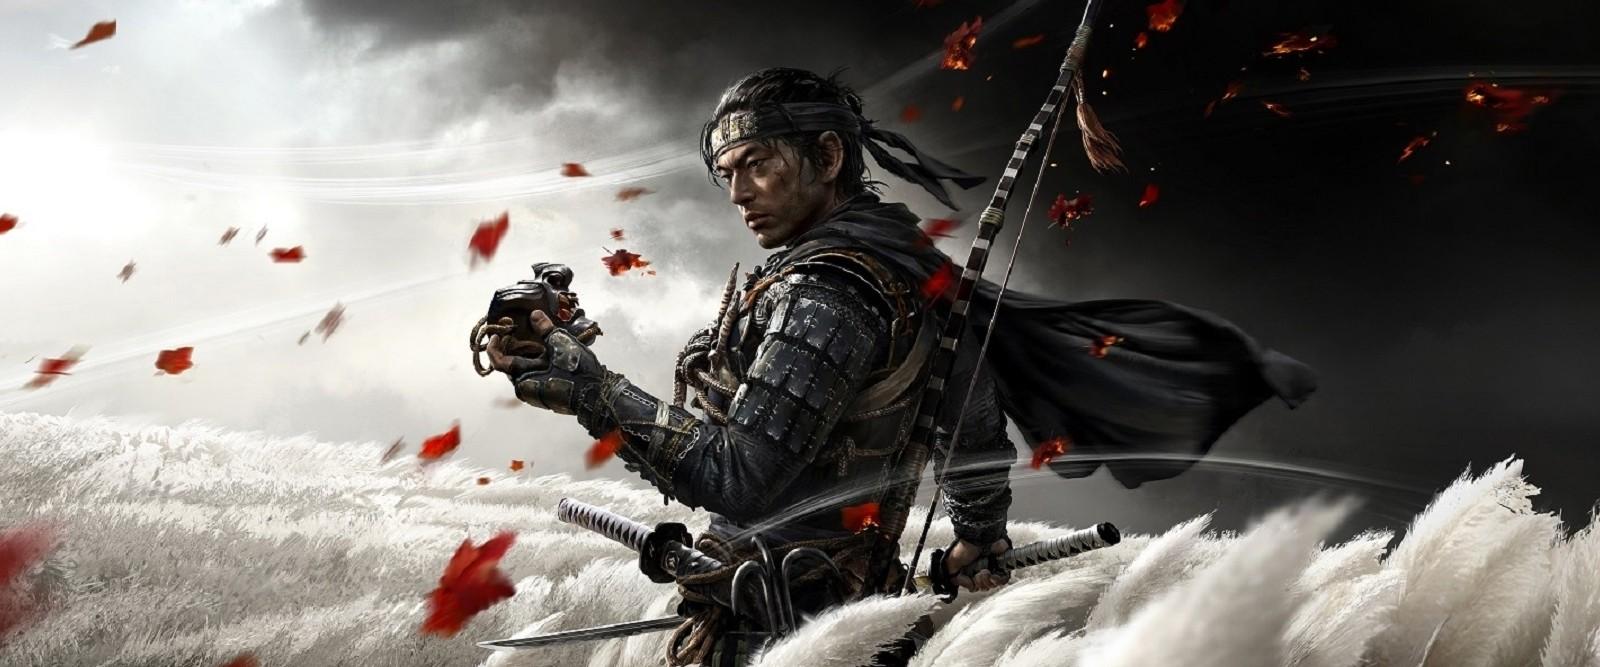 Чад Стахелски экранизирует видеоигру о самурае